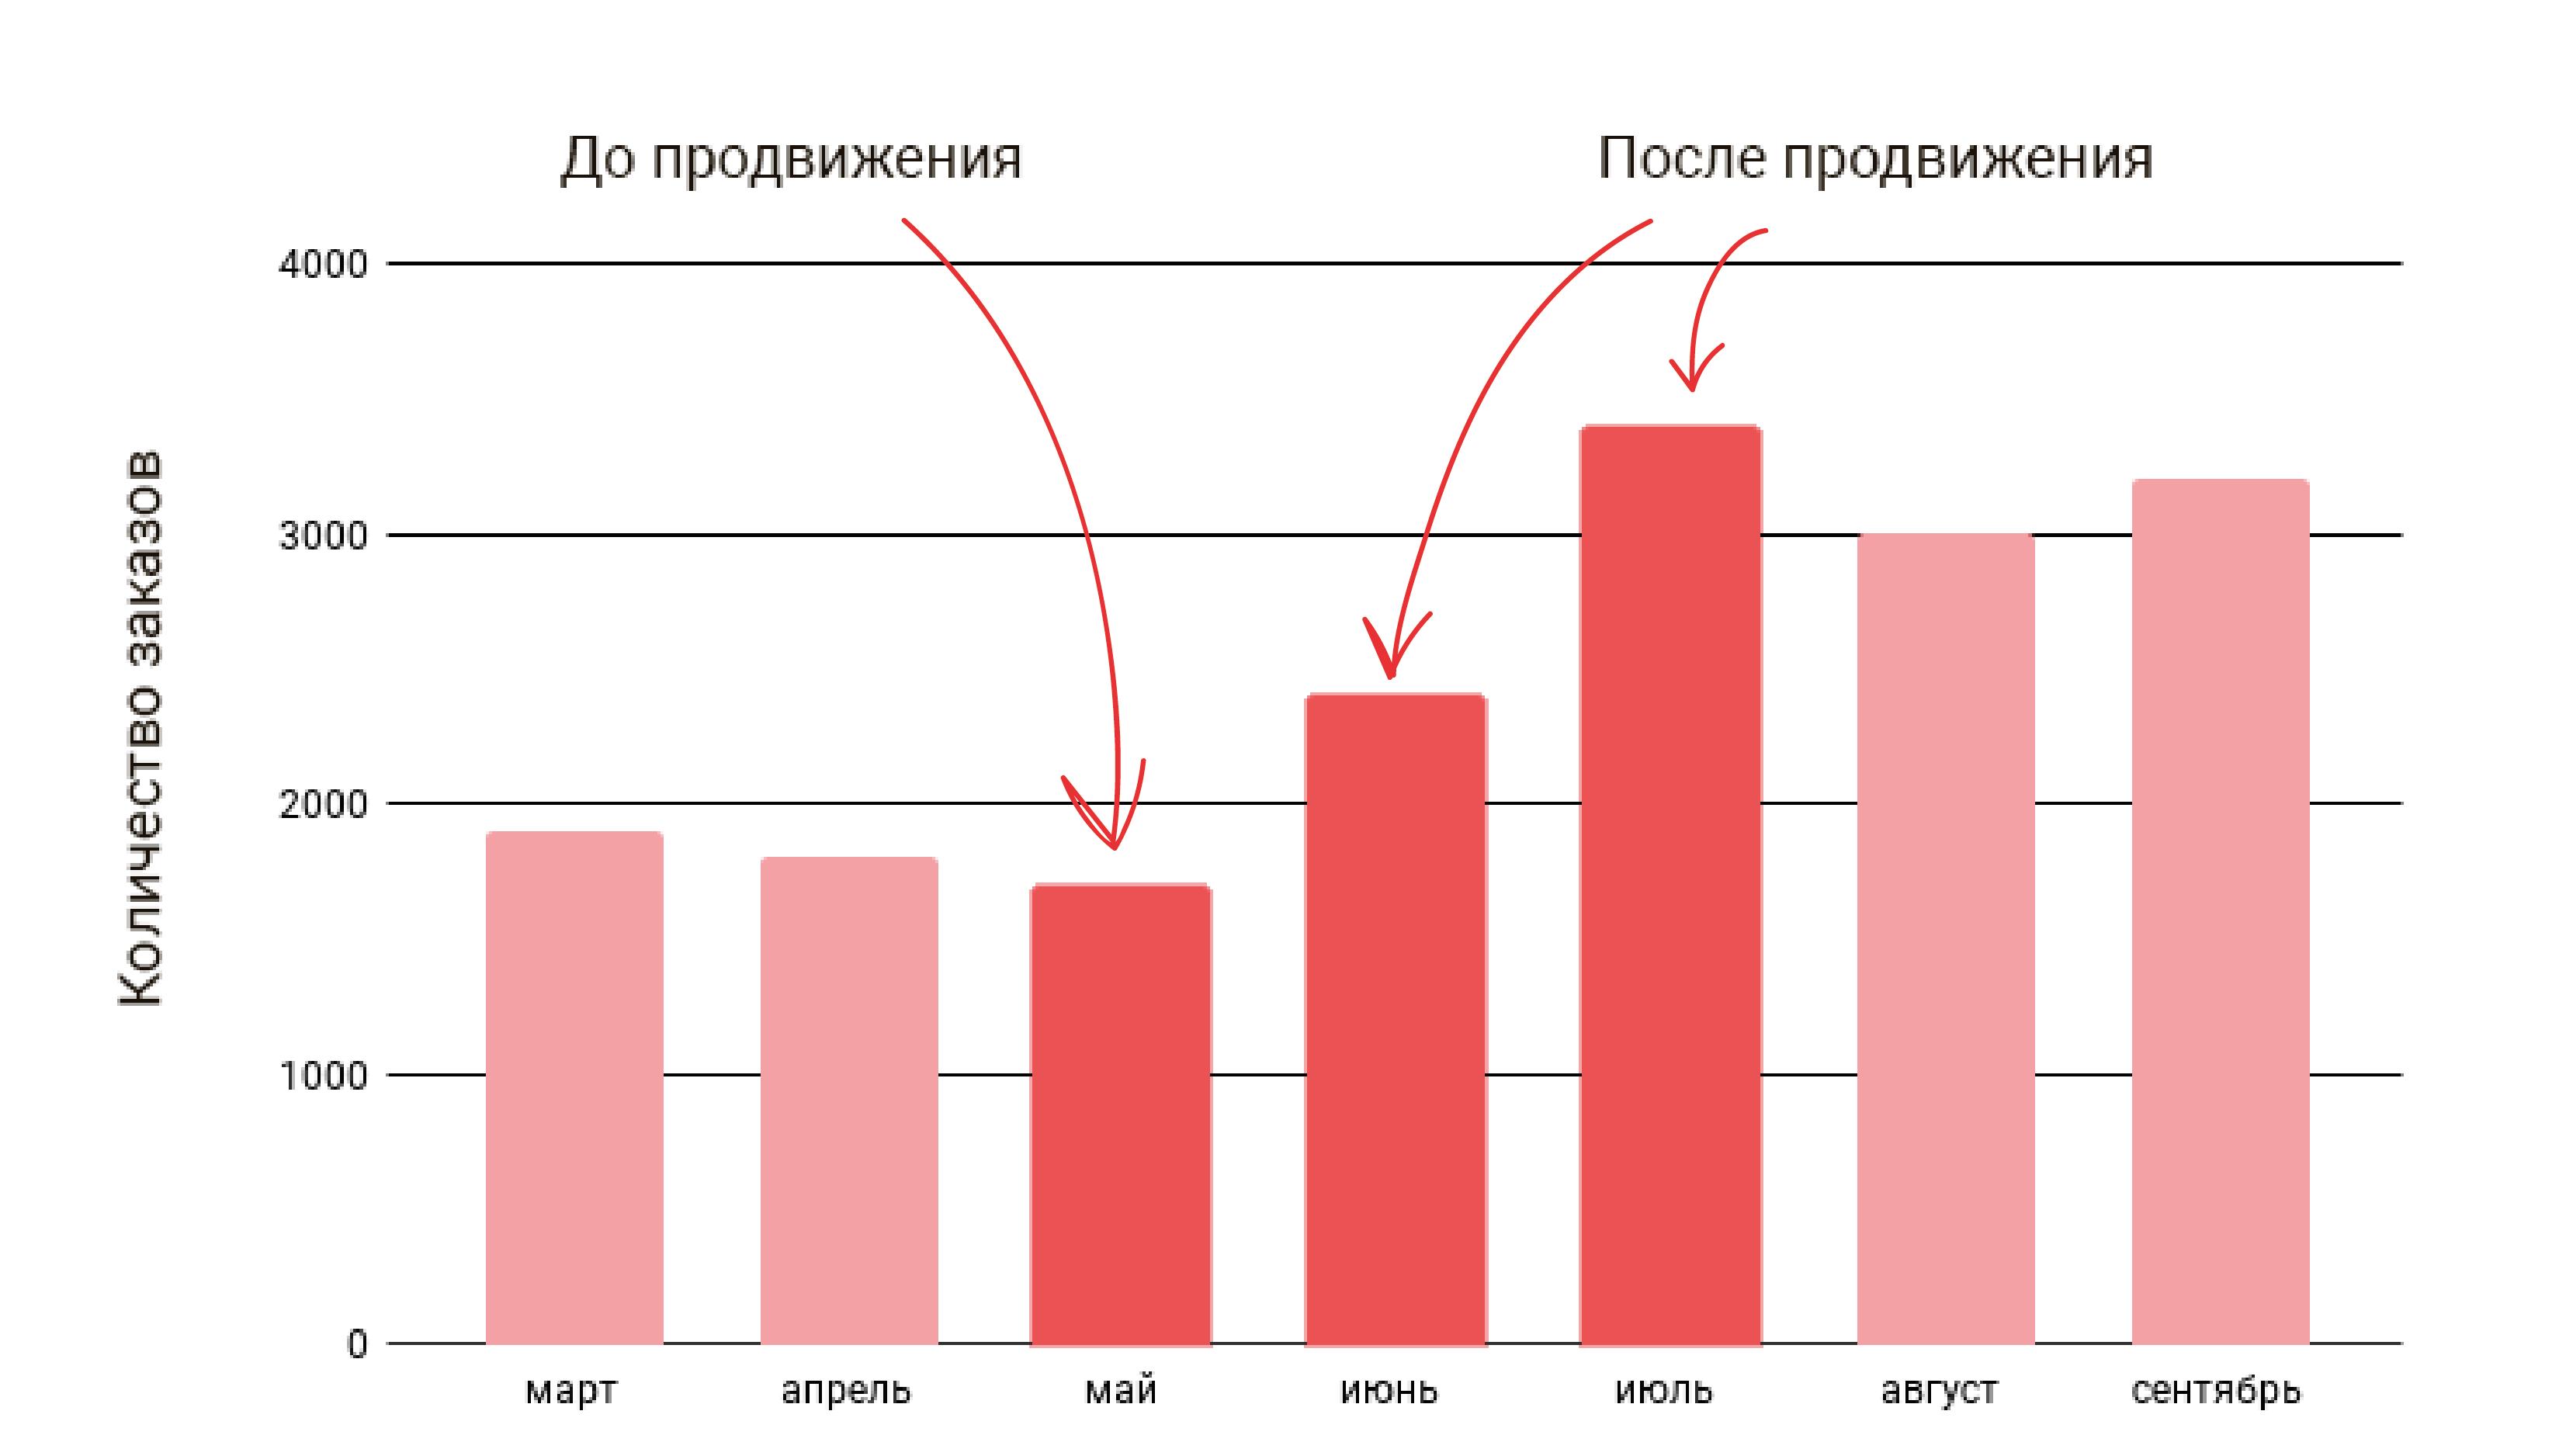 график-роста-числа-заказов